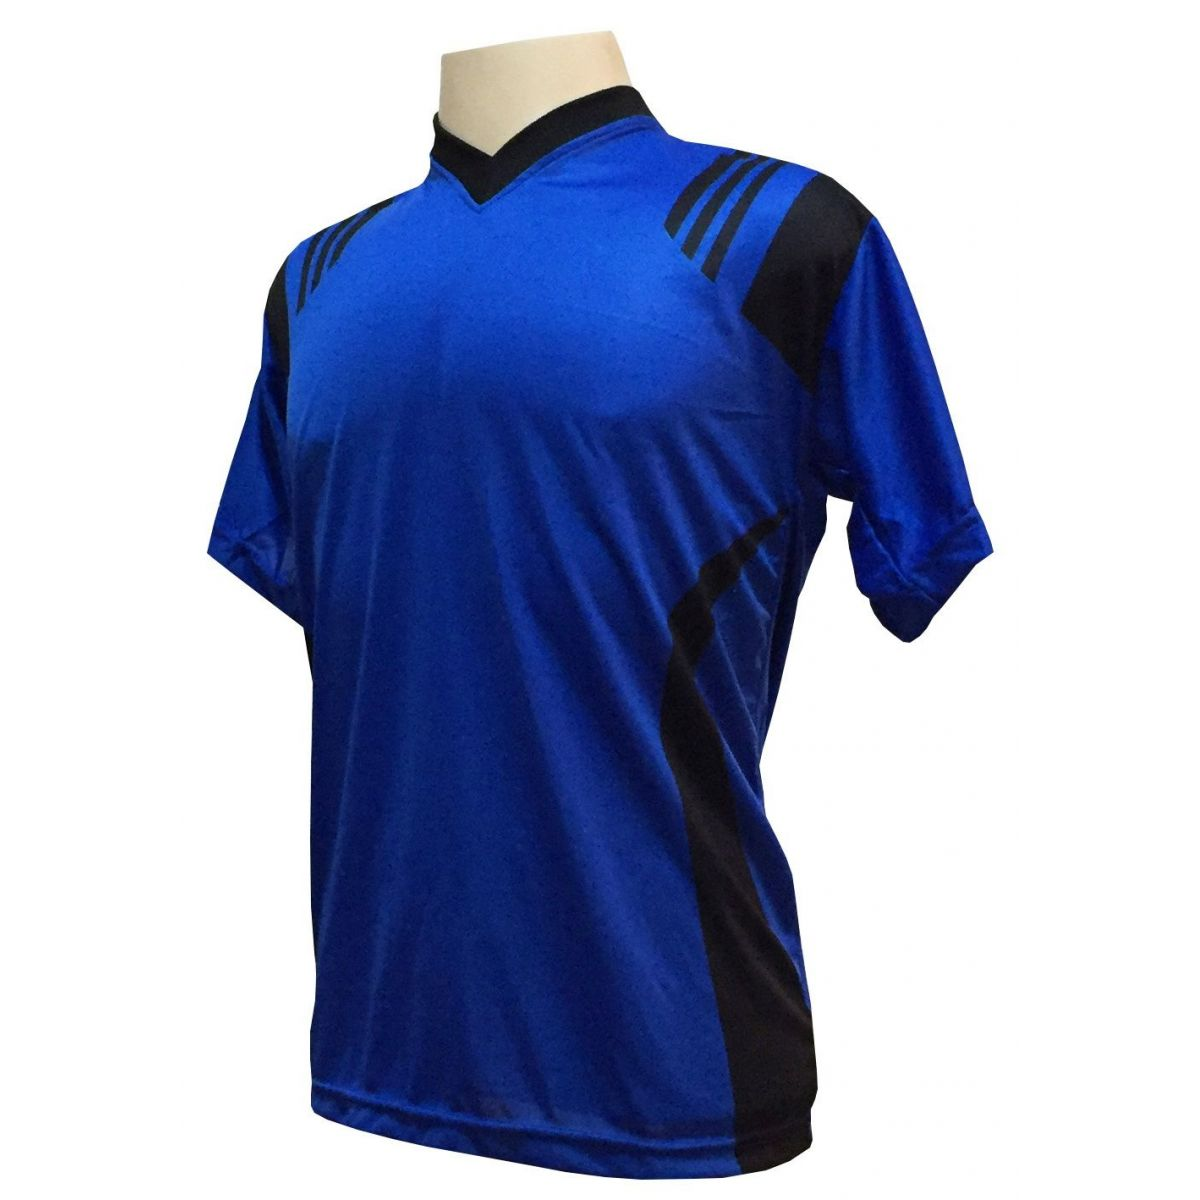 Uniforme Esportivo com 18 camisas modelo Roma Royal/Preto + 18 calções modelo Madrid Royal + 18 pares de meiões Preto